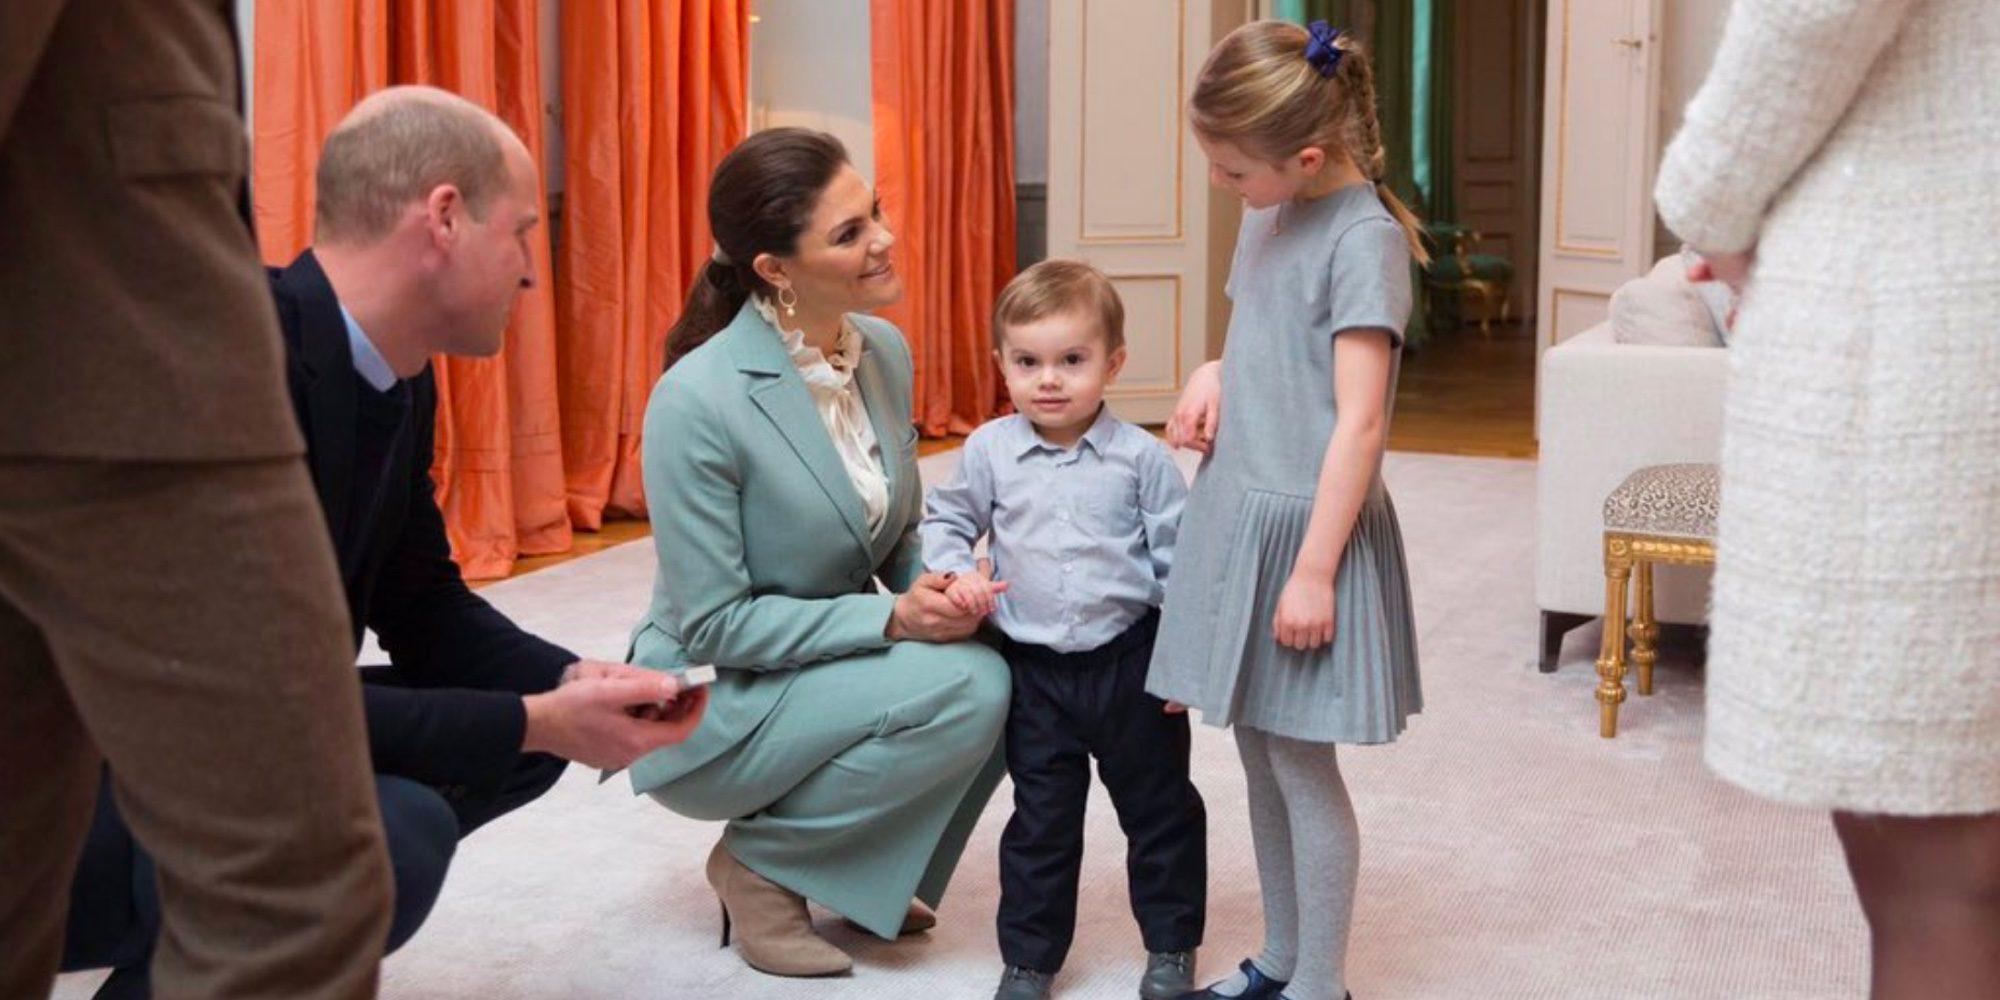 Estela y Oscar de Suecia conquistan al Príncipe Guillermo y Kate Middleton en su visita al Palacio de Haga